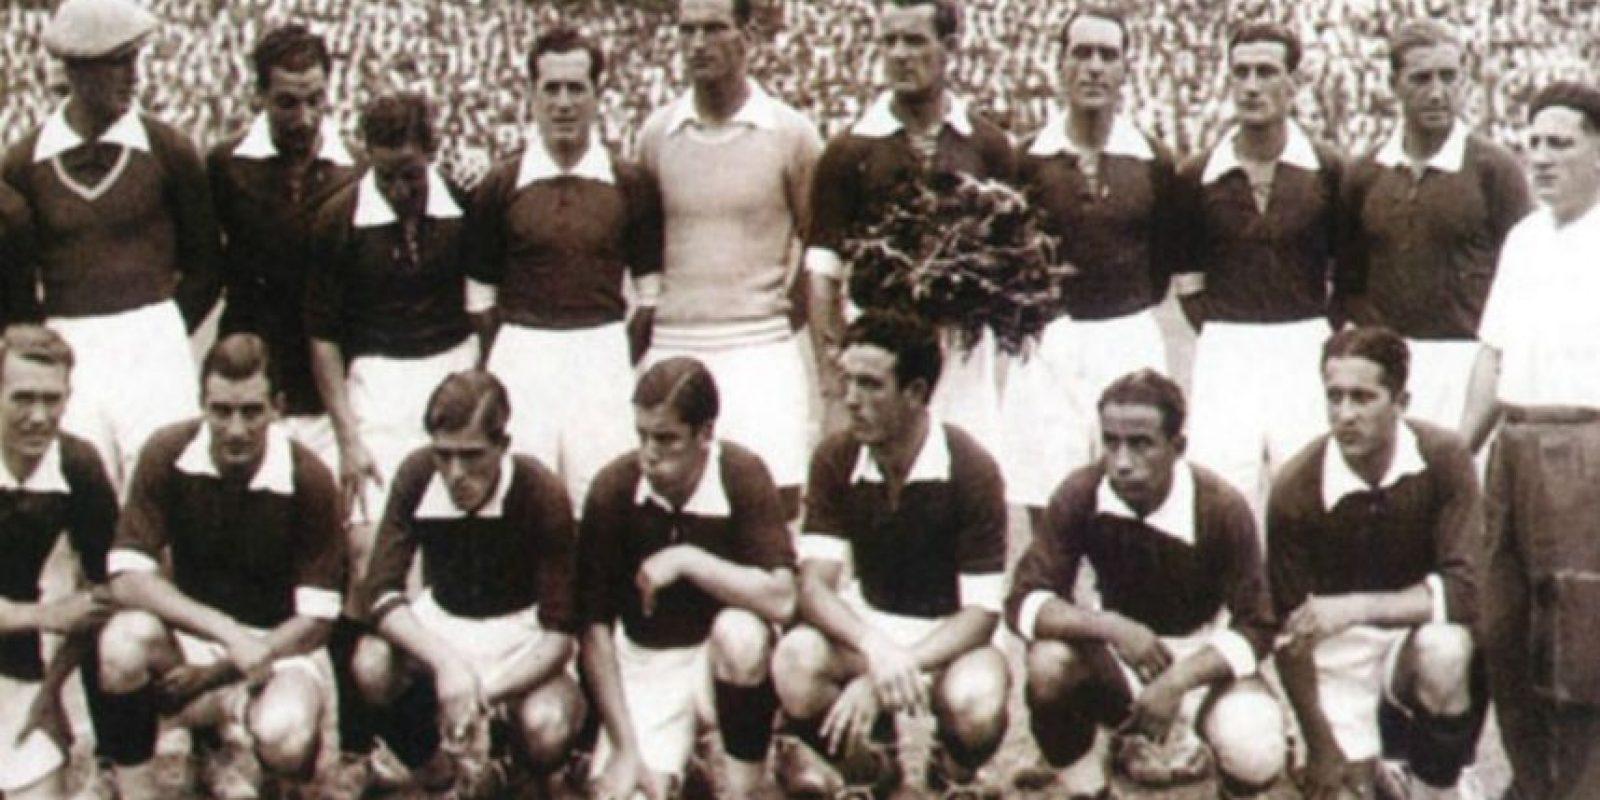 En sus inicios, la Copa América servía como torneo clasificatorio a los Juegos Olímpicos. Ocurrió en tres ocasiones: la de 1923 para calificar a París 1924, 1927 para Amsterdam 1928 y 1935 para clasificar a Berlín 1936. Foto:ca2015.com